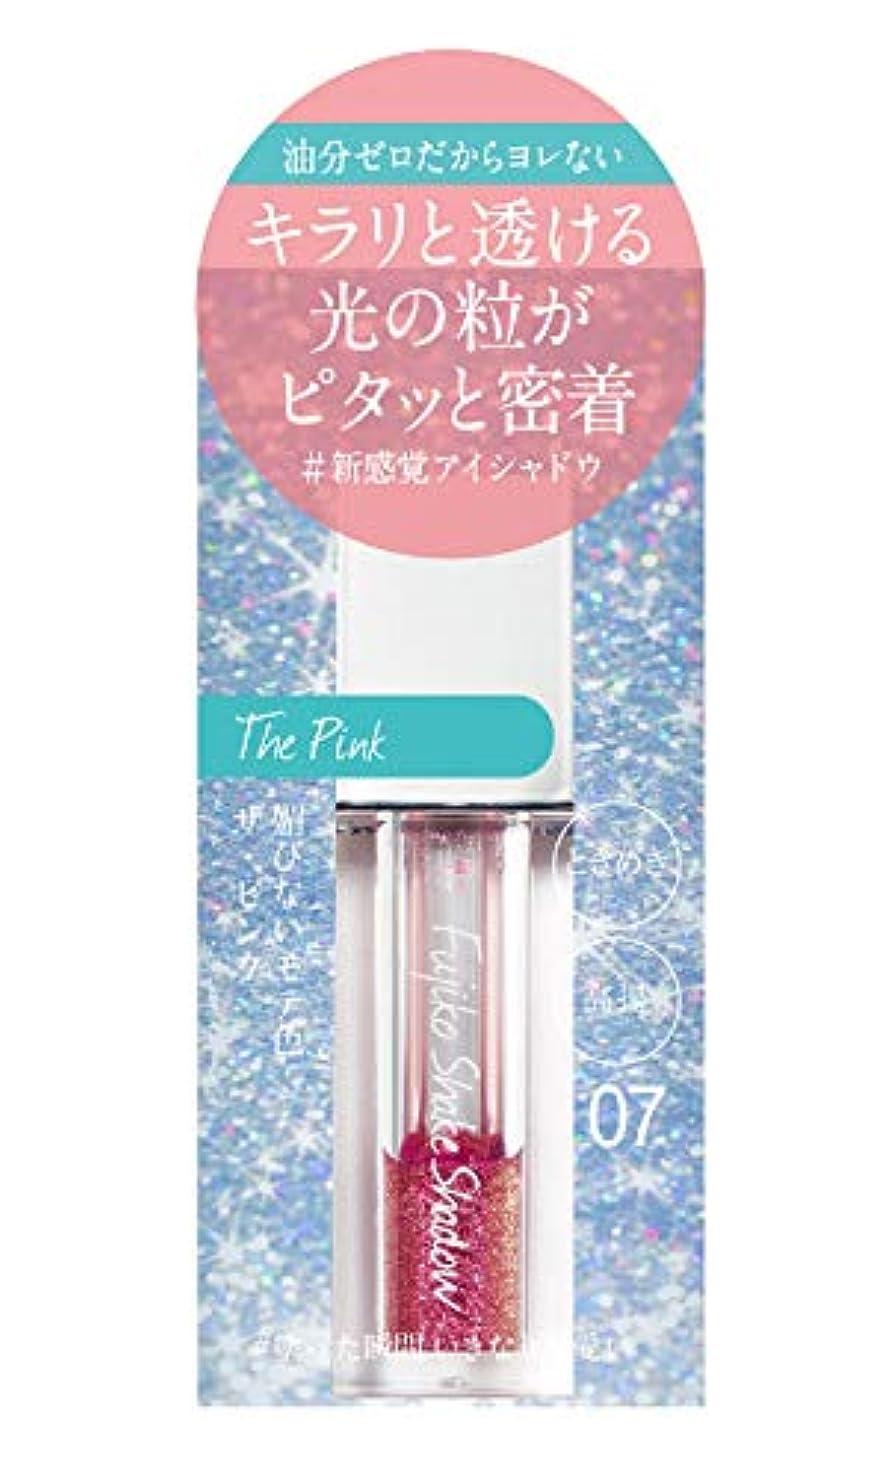 変成器顕現食事Fujiko(フジコ) フジコ シェイクシャドウ 07 THE ピンク 5g アイシャドウ THEピンク